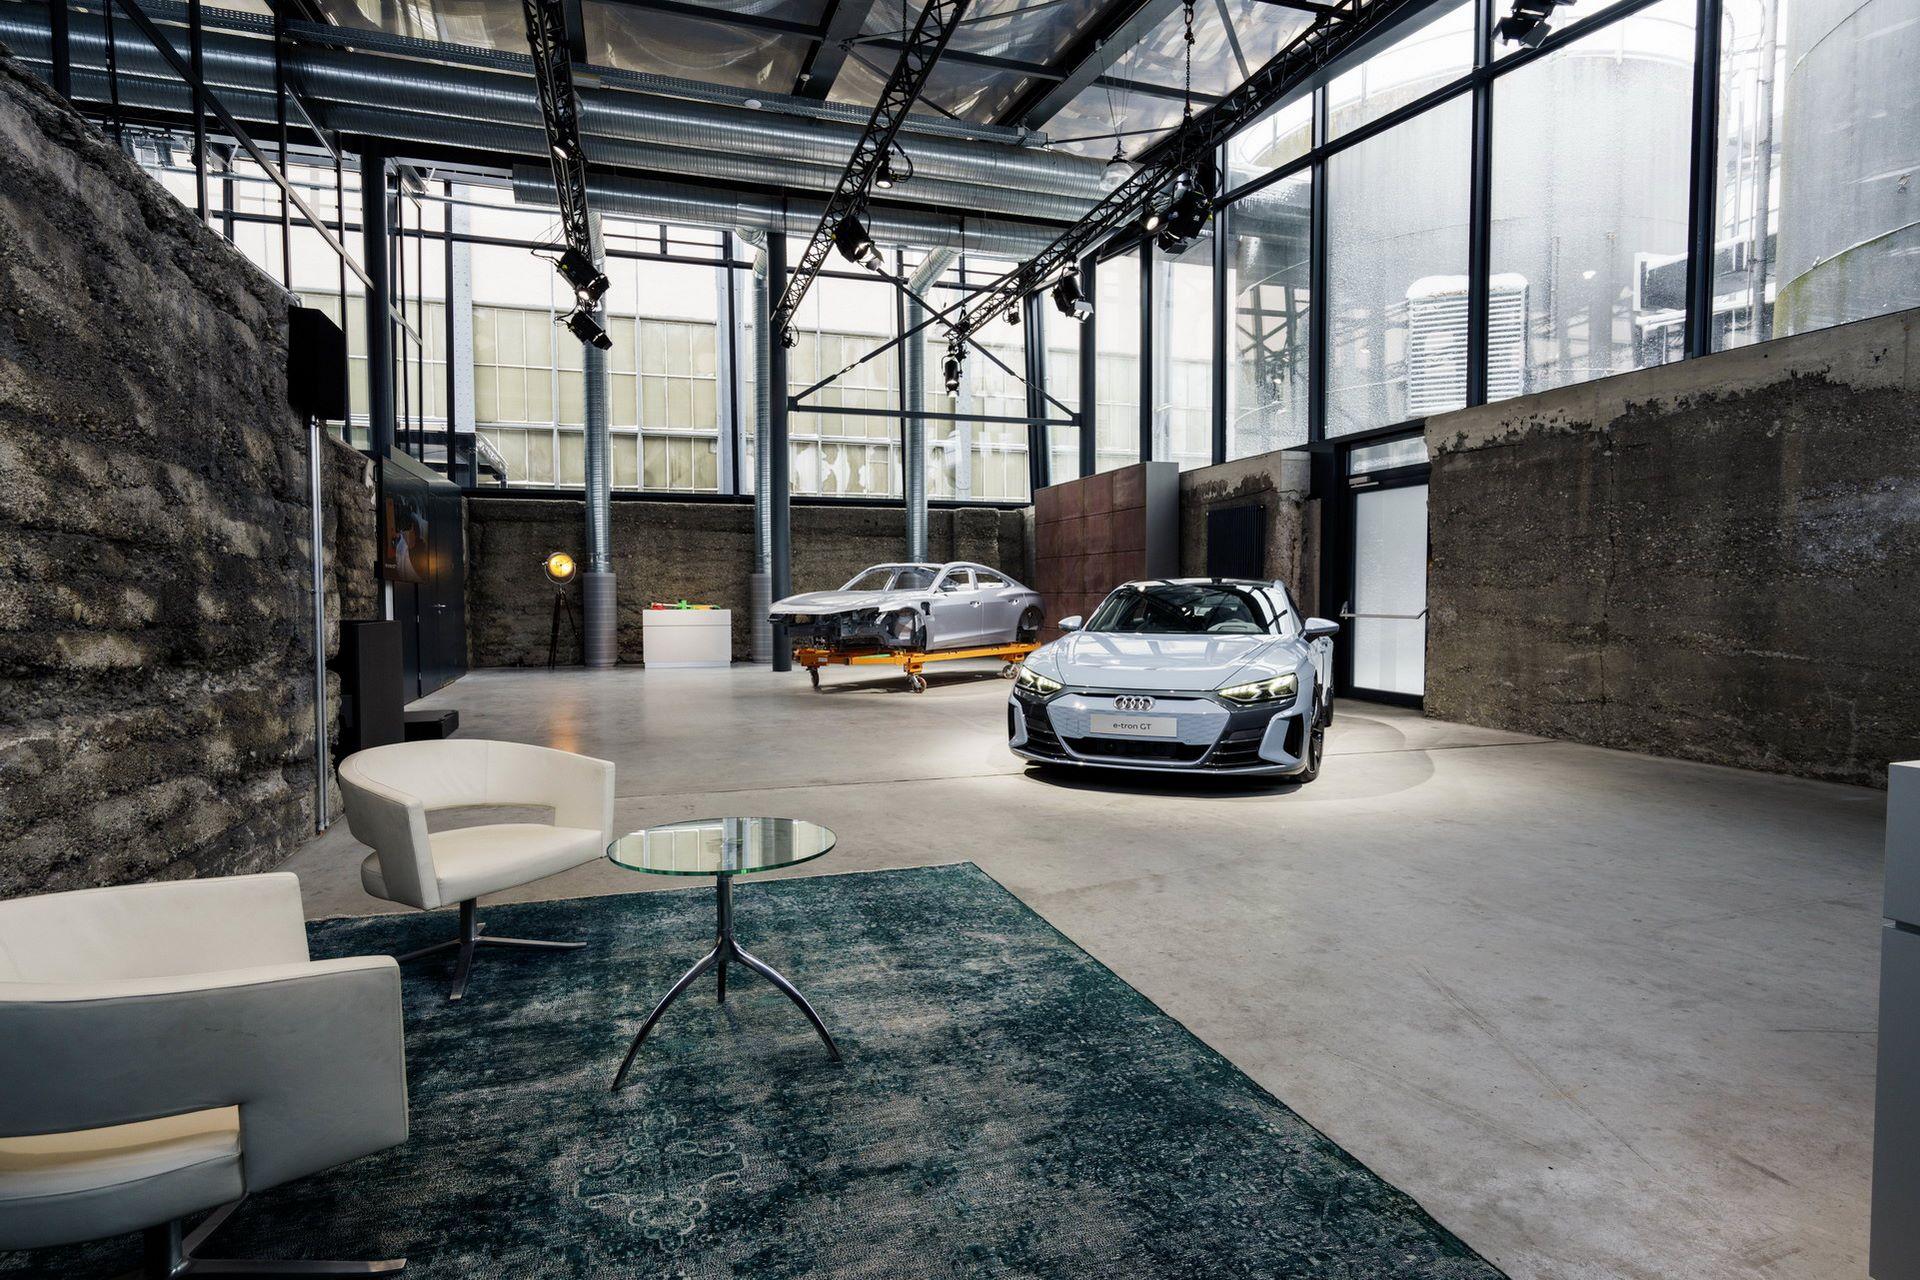 2022-Audi-e-tron-GT-plant-19